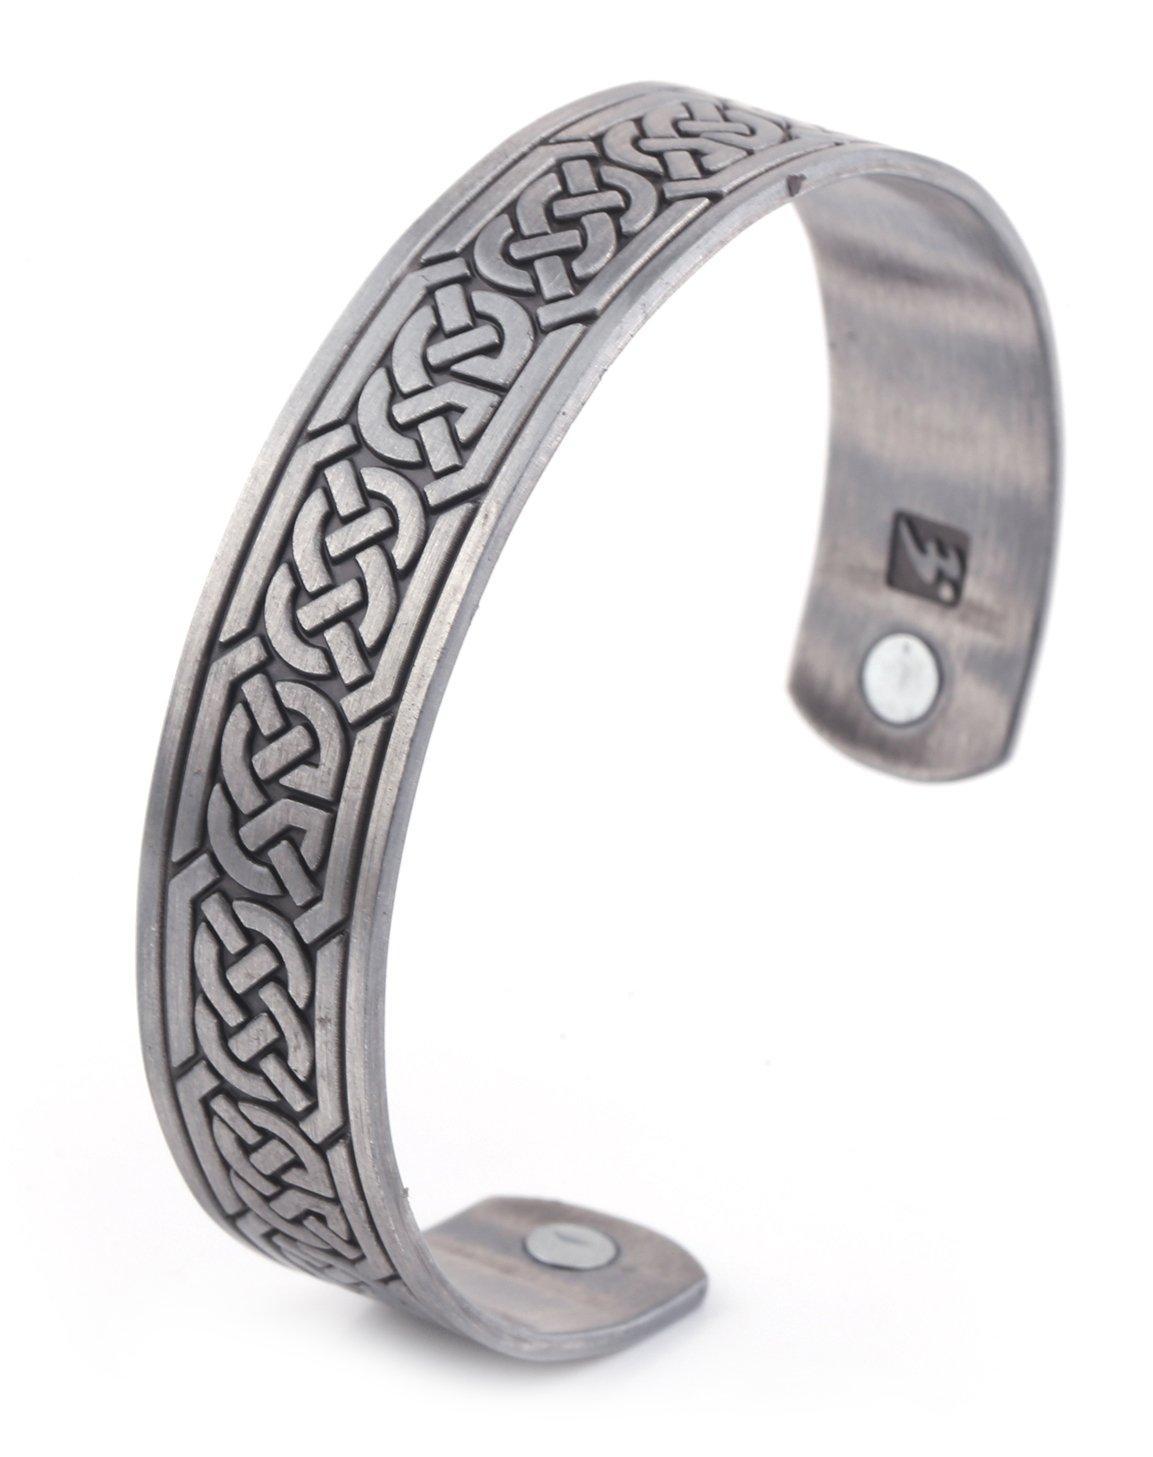 Atención de la salud pulsera magnética para alivio del dolor, terapia, equilibrio, resistencia y energía para los hombres y las mujeres YI WU KE JI